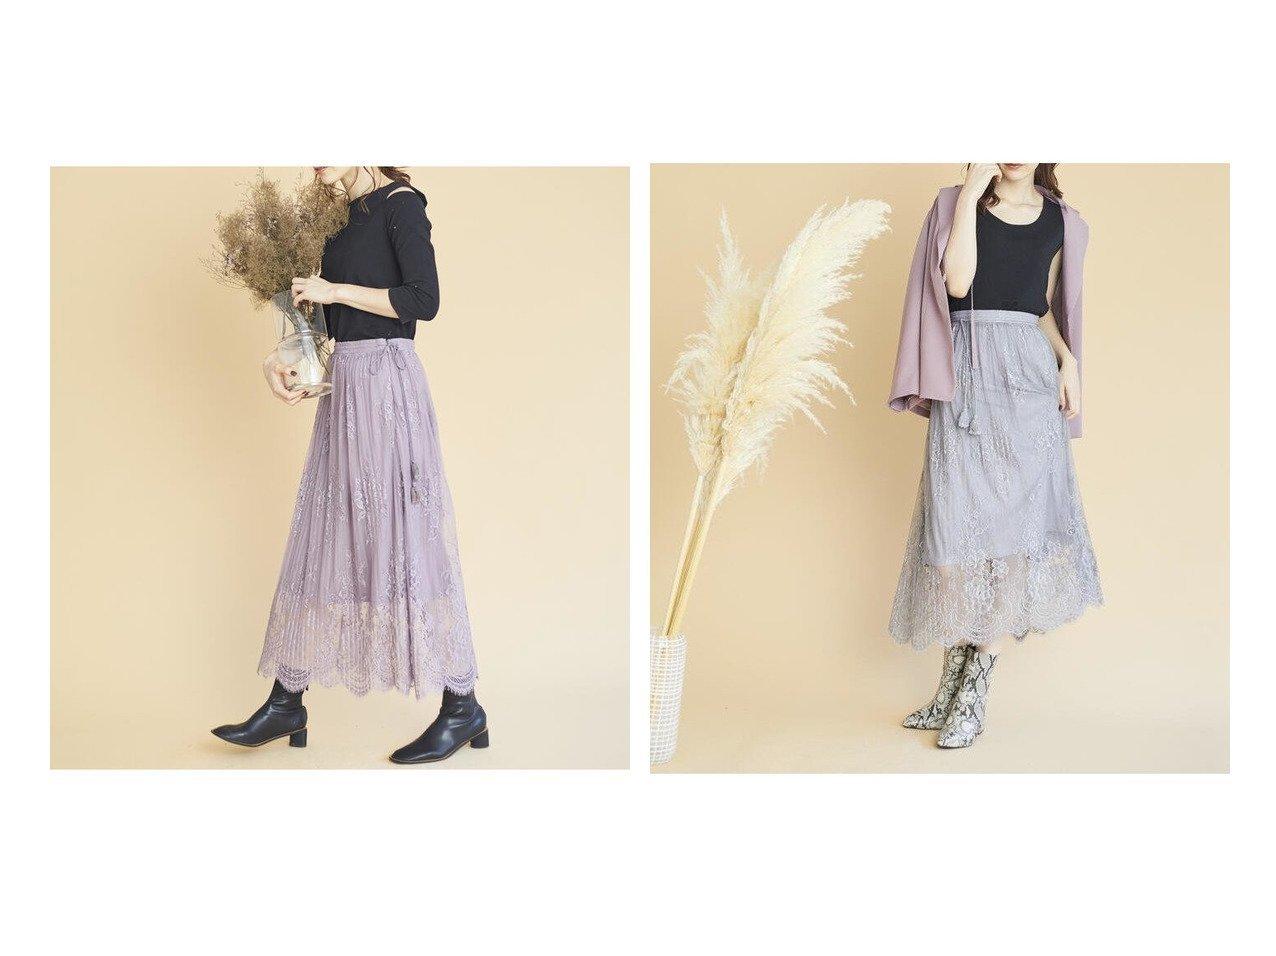 【MISCH MASCH/ミッシュマッシュ】のレースプリーツスカート/MISCH MASCH MAIRY スカートのおすすめ!人気トレンド・レディースファッションの通販 おすすめで人気のファッション通販商品 インテリア・家具・キッズファッション・メンズファッション・レディースファッション・服の通販 founy(ファニー) https://founy.com/ ファッション Fashion レディース WOMEN スカート Skirt Aライン/フレアスカート Flared A-Line Skirts プリーツスカート Pleated Skirts ギャザー フィット フェミニン フラワー フレア モチーフ リアル レース ロング 今季 |ID:crp329100000007260